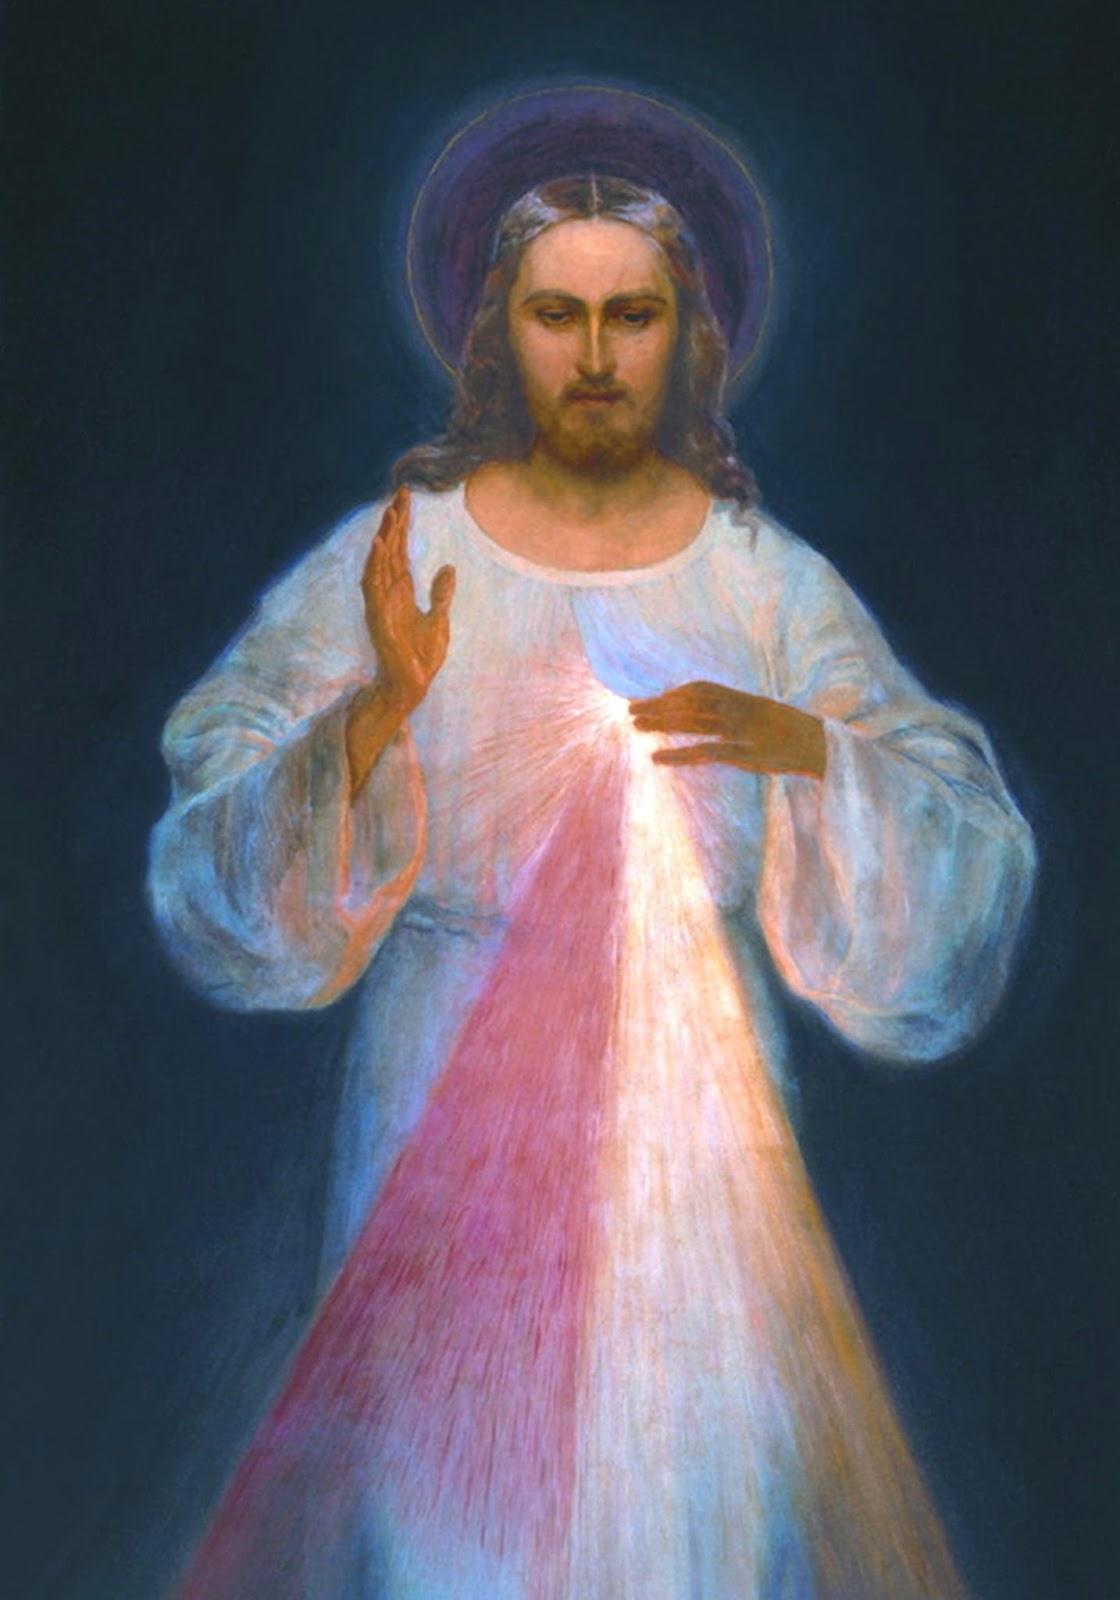 Imagem de Jesus Misericordioso, da devoção da Divina Misericórdia.